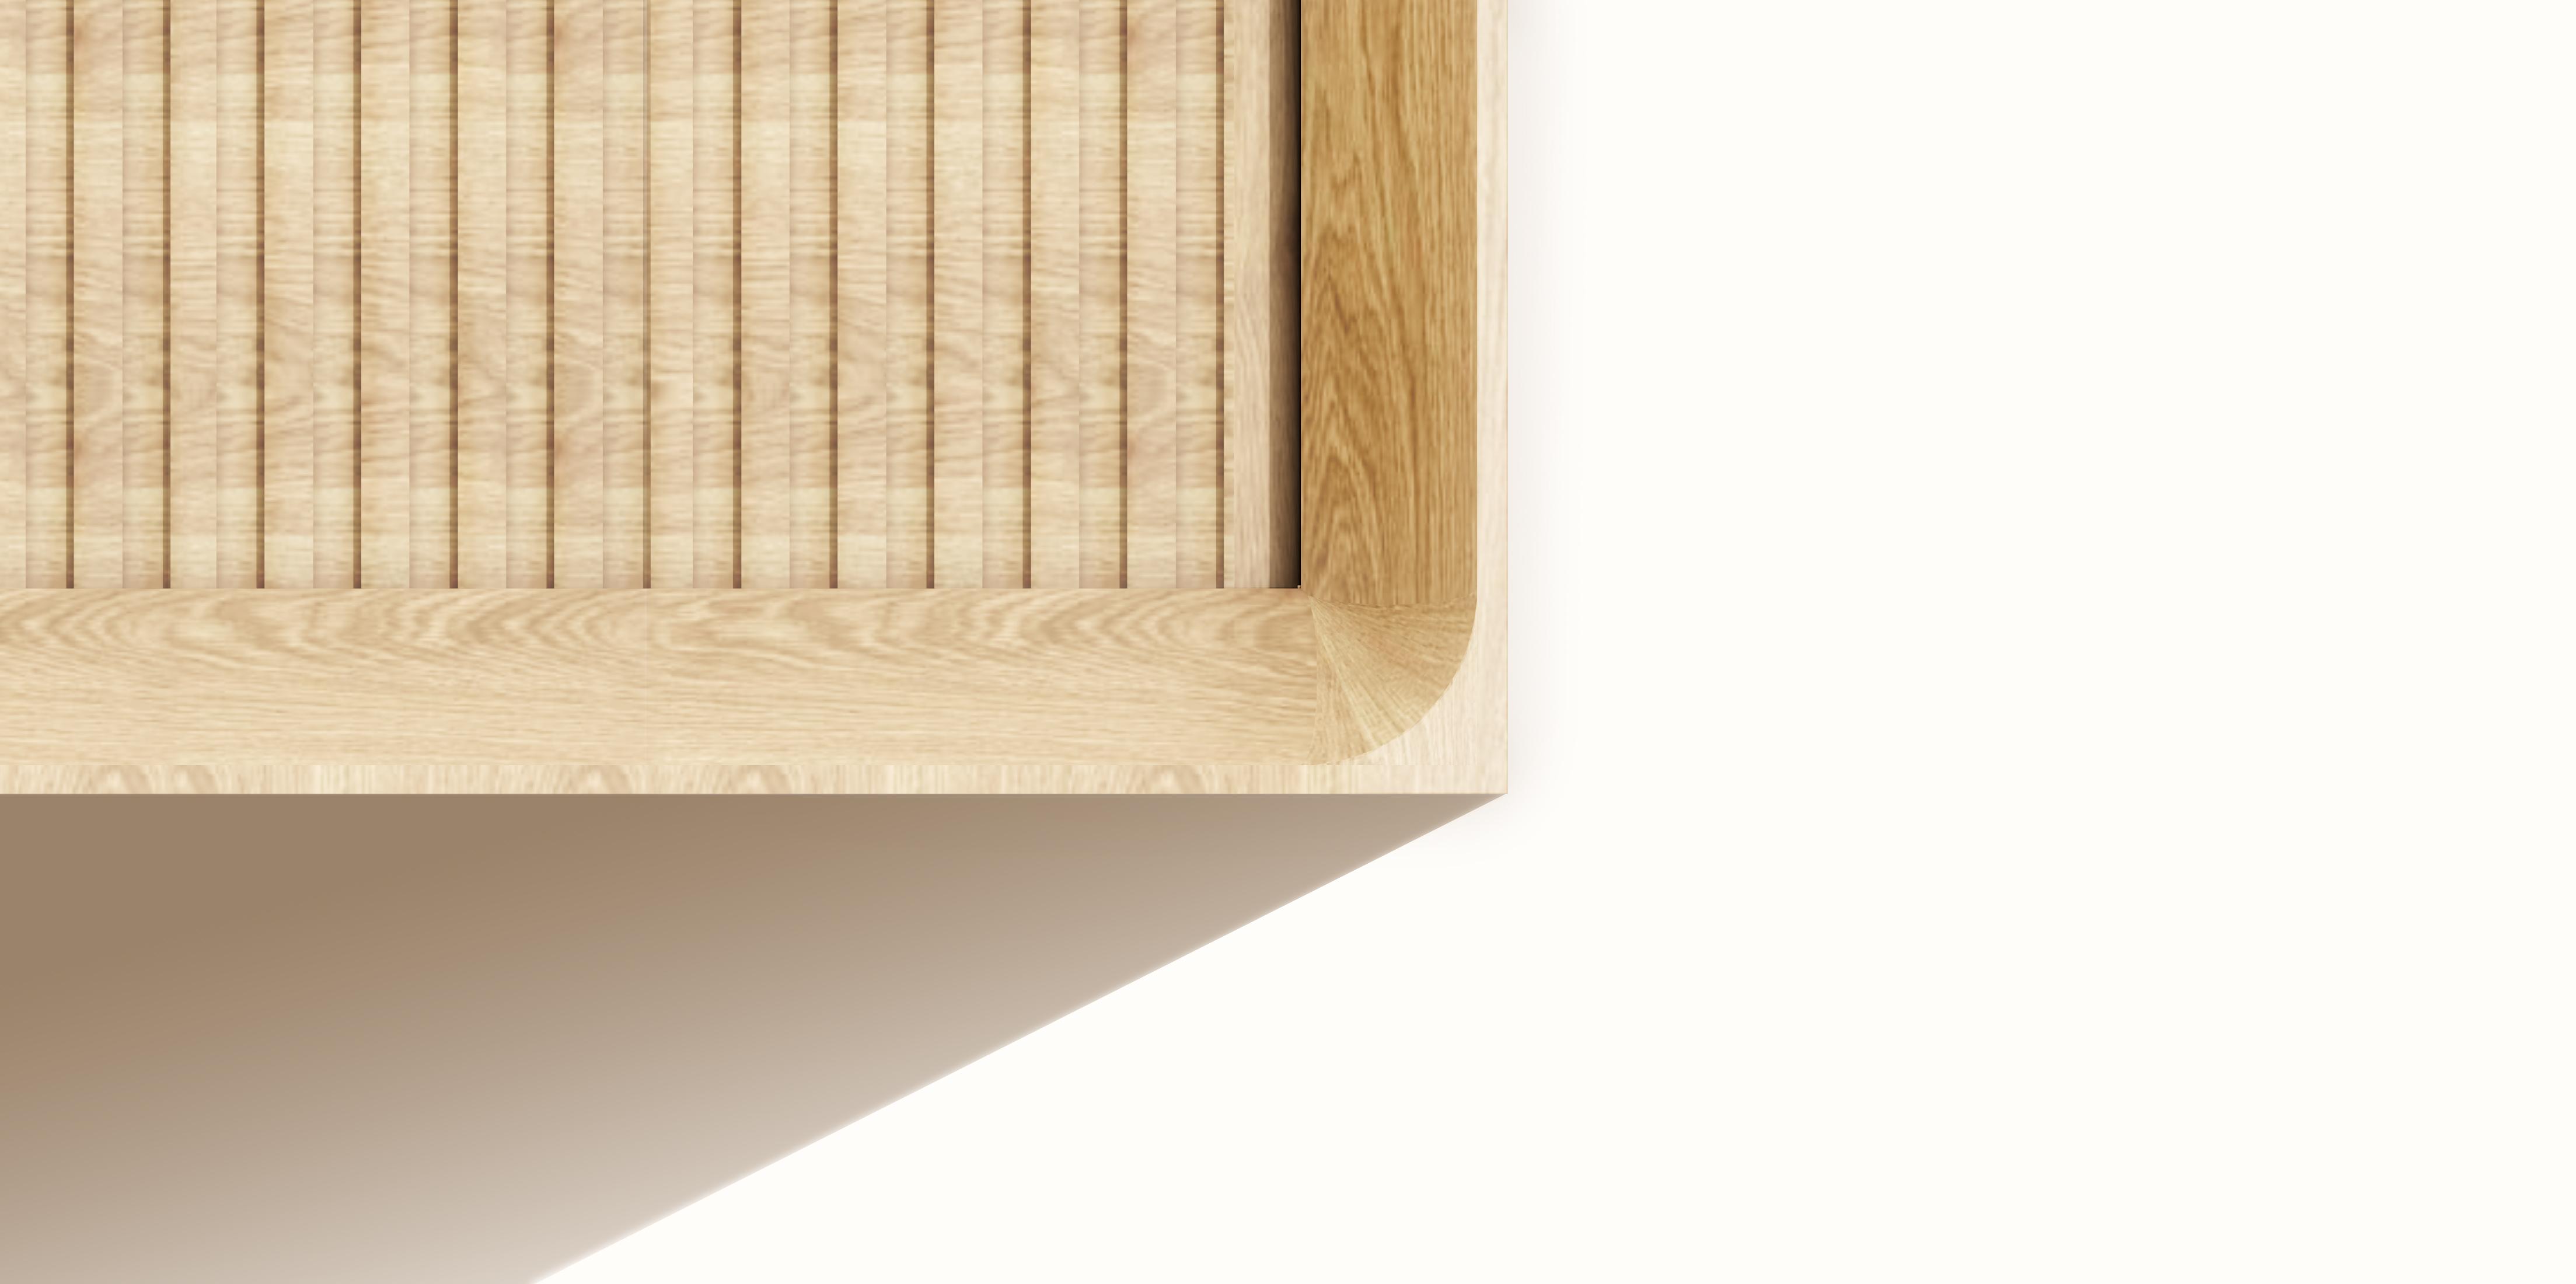 Hide cabinet detail finish, wide shot